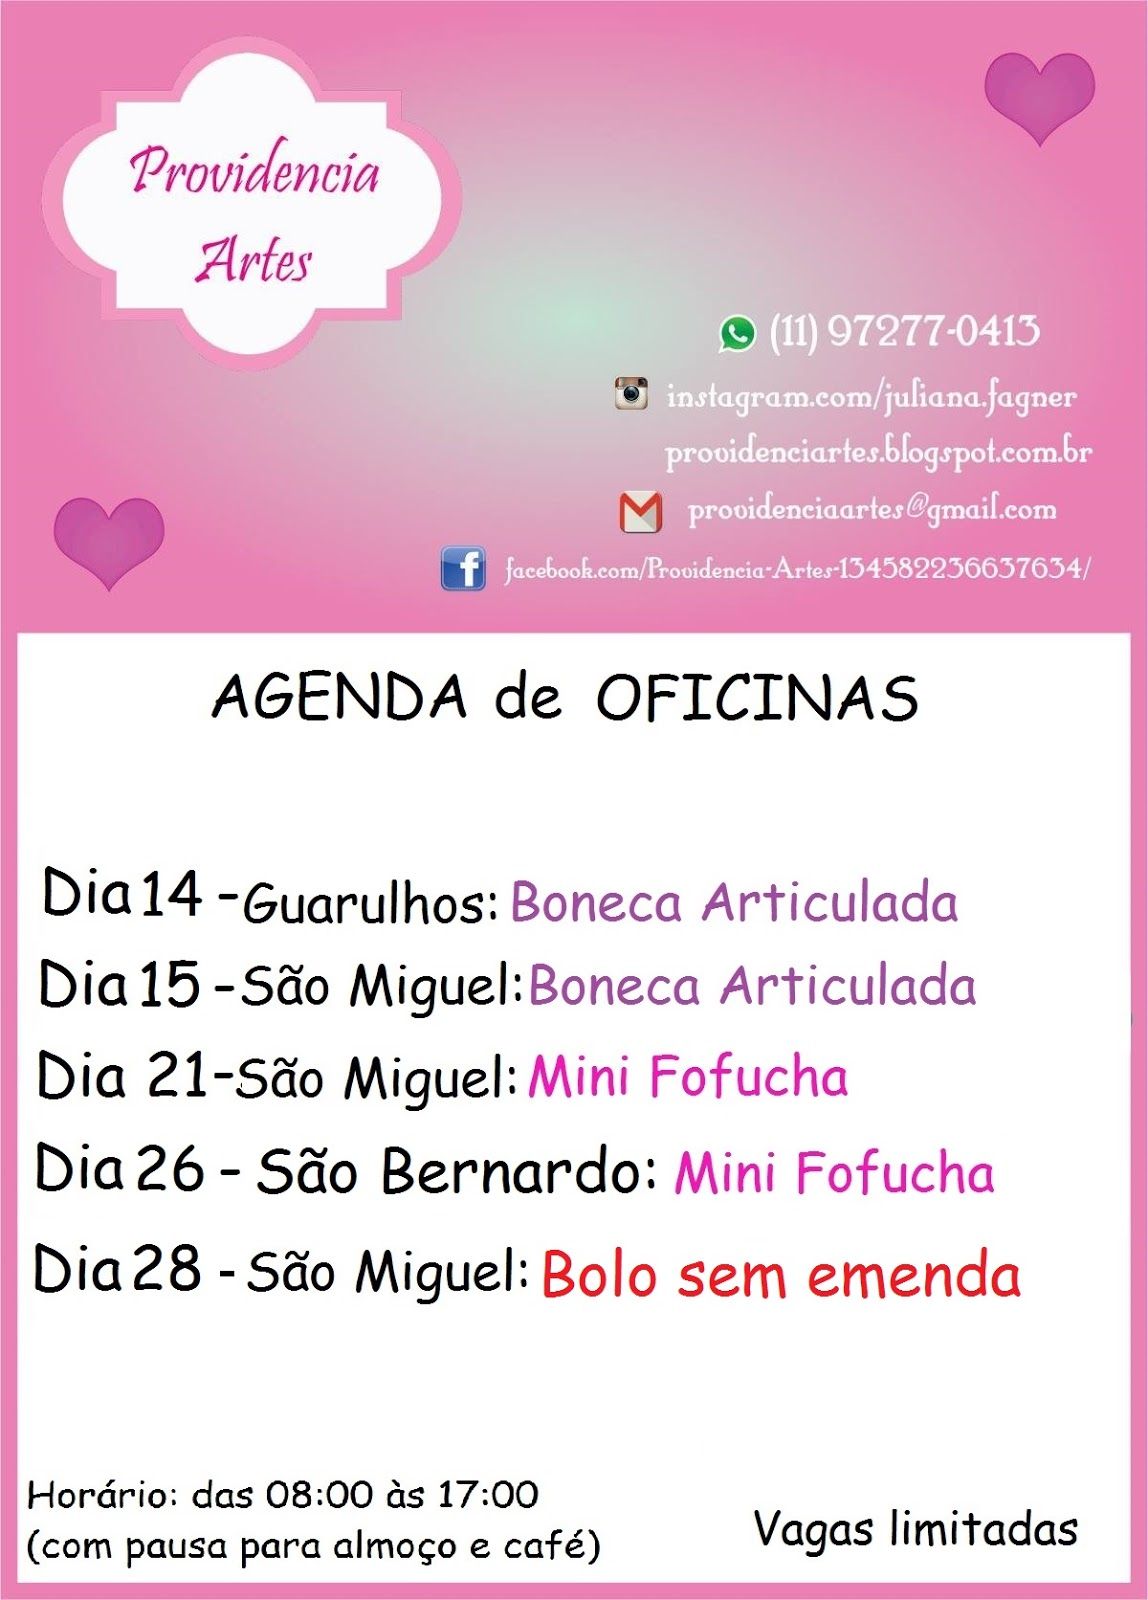 Providencia artes agenda de oficinas do m s de maio for Agendas de oficina